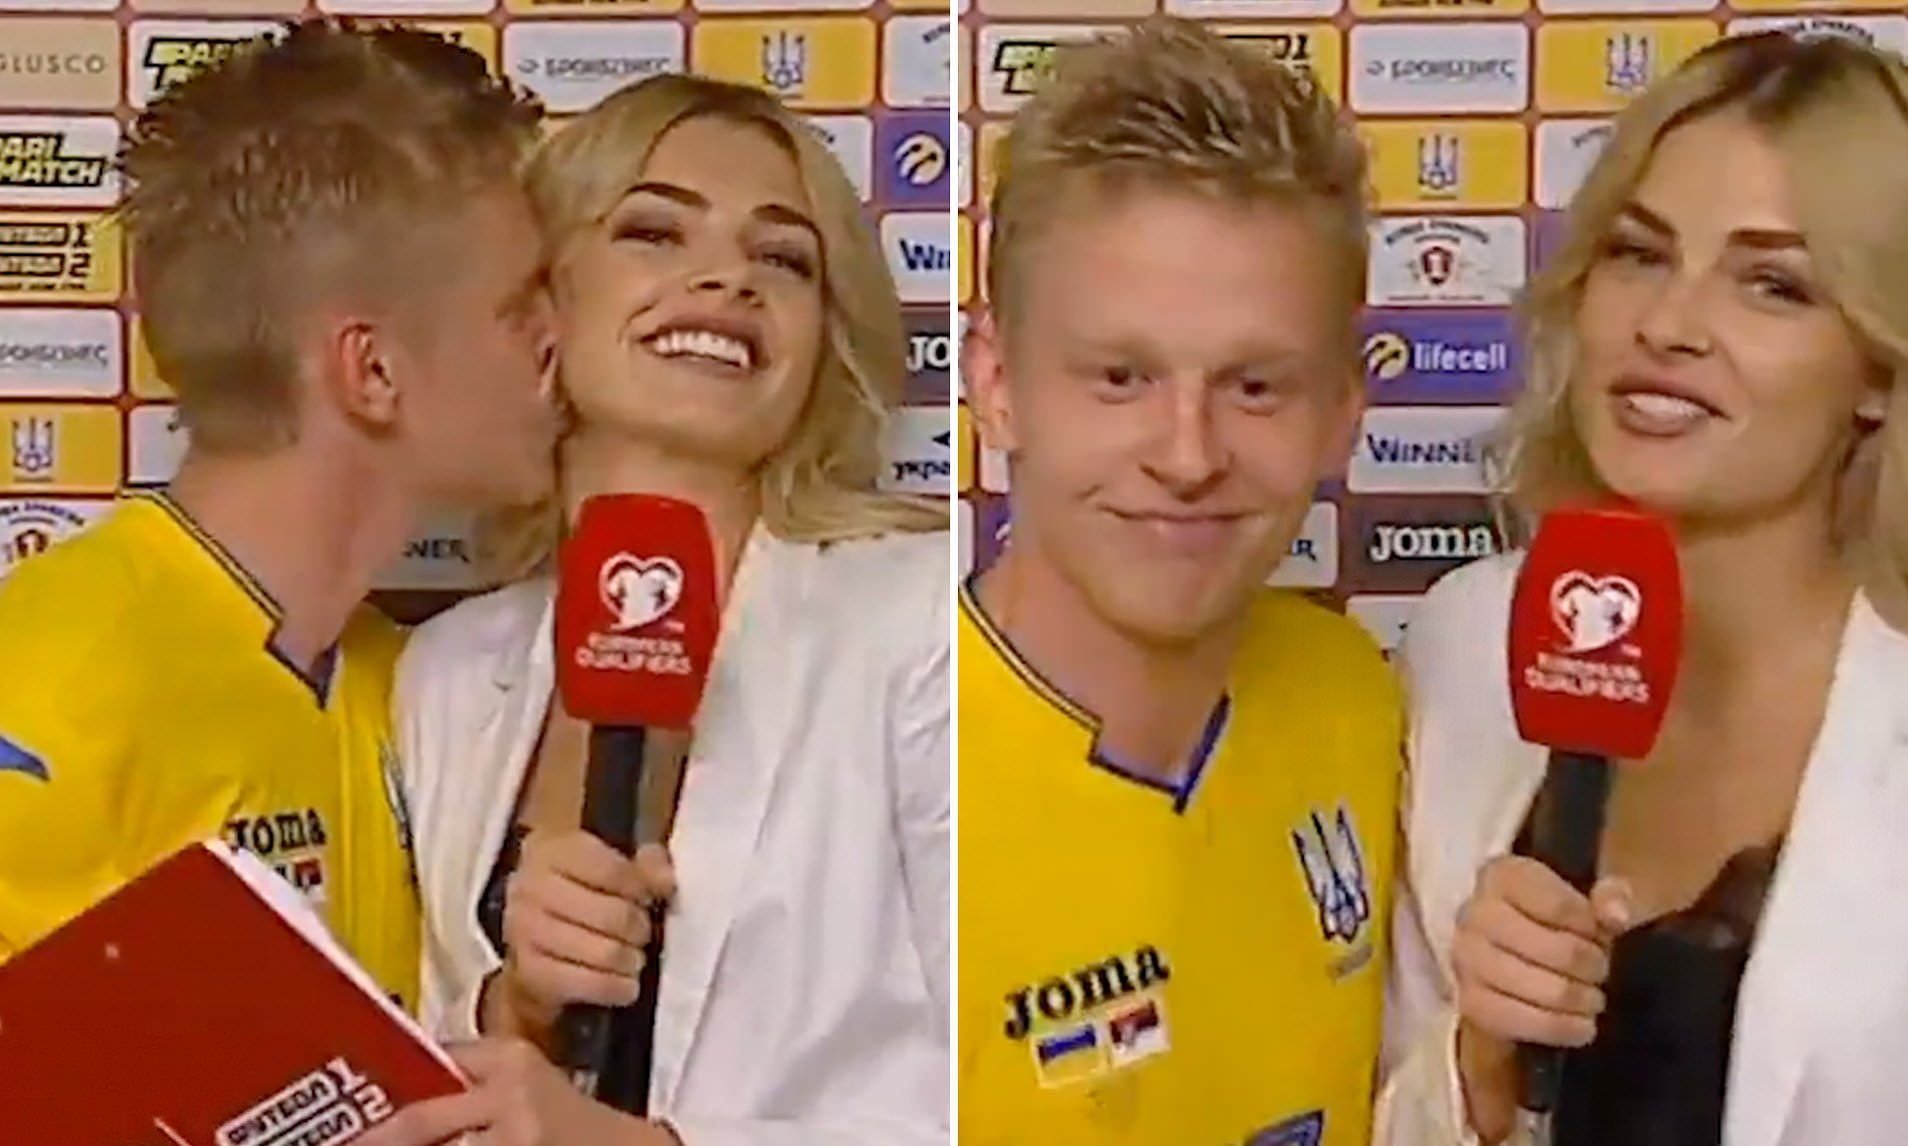 Վլադան չէր հավատում, որ նման բան կանեմ. Զինչենկով` լրագրողին համբուրելու մասին